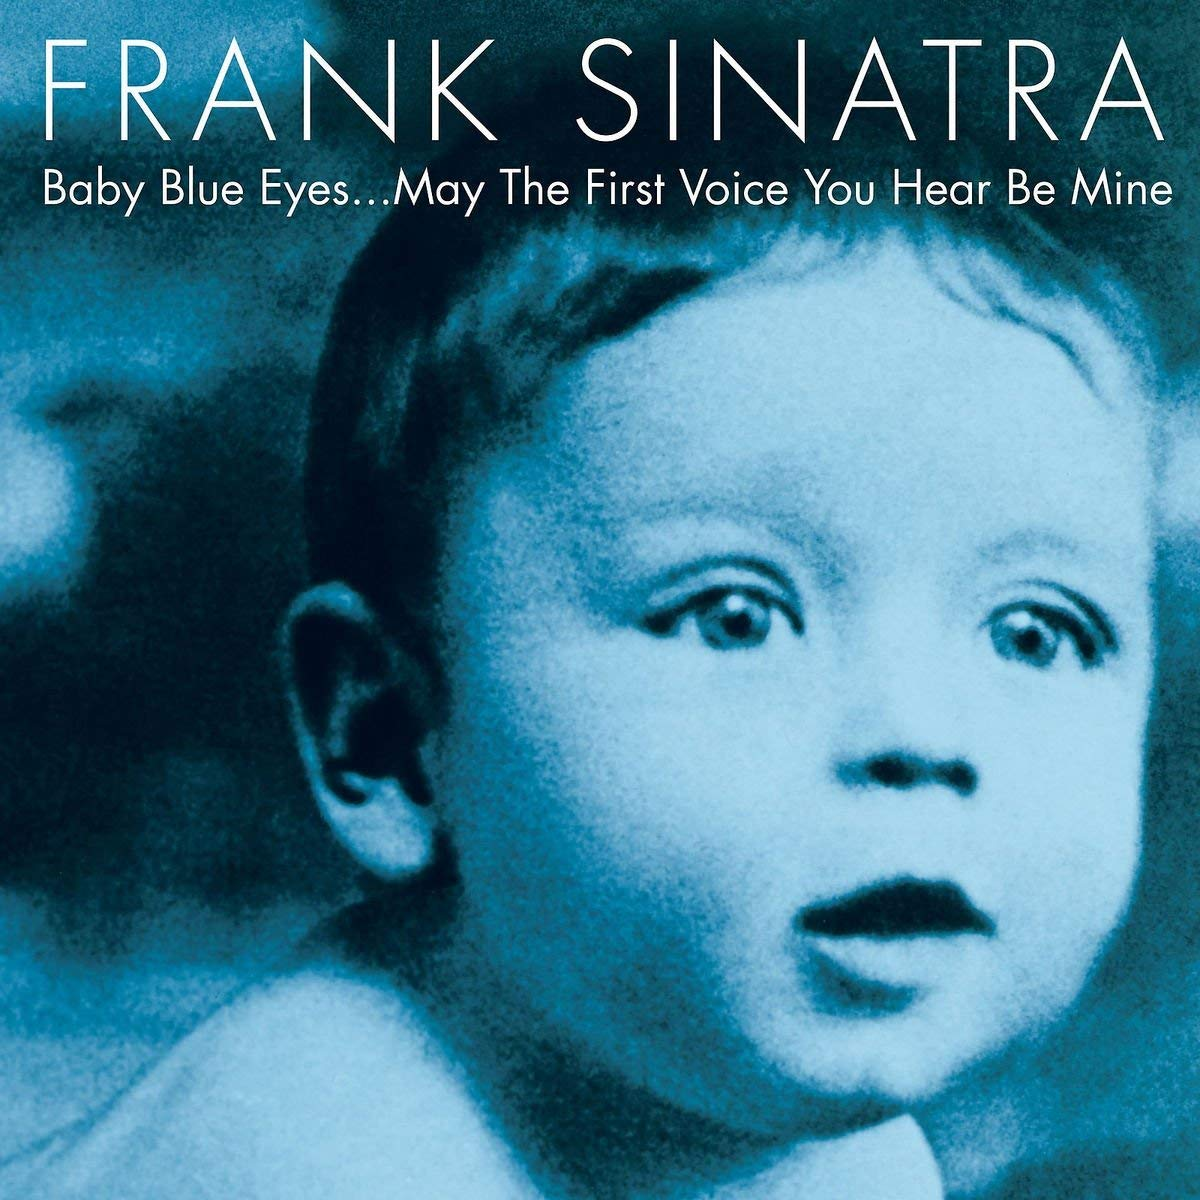 Baby Blue Eyes - Vinyl